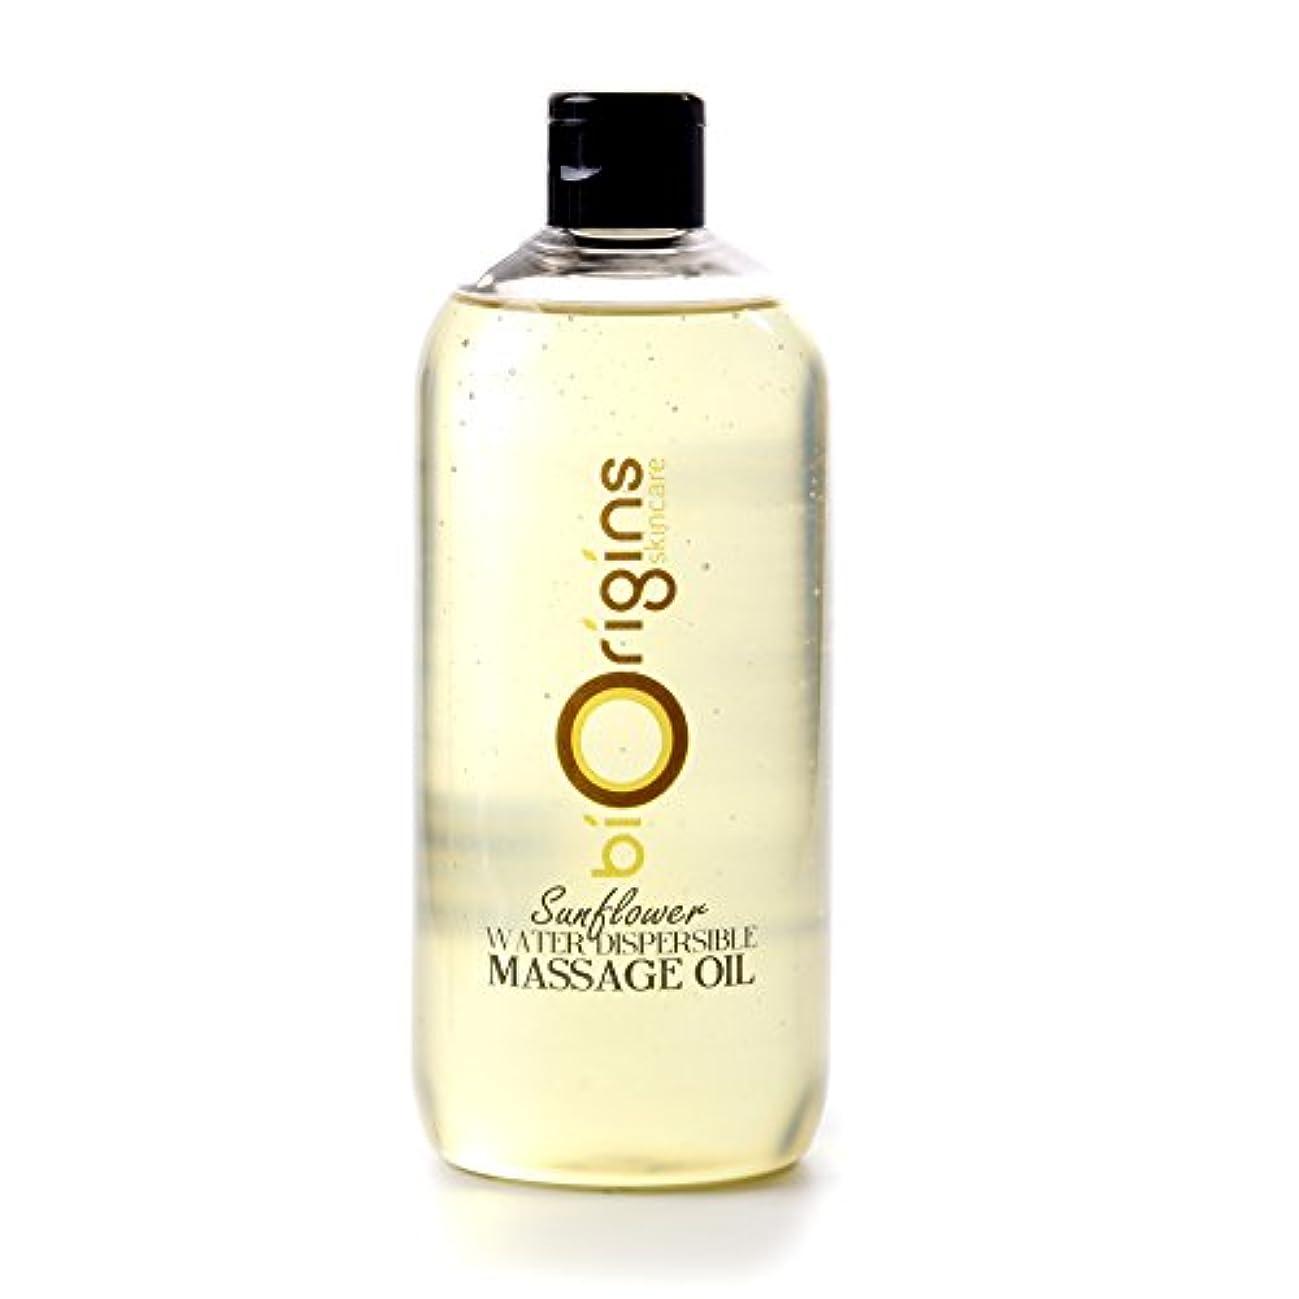 水翻訳する振幅Sunflower Water Dispersible Massage Oil - 1 Litre - 100% Pure